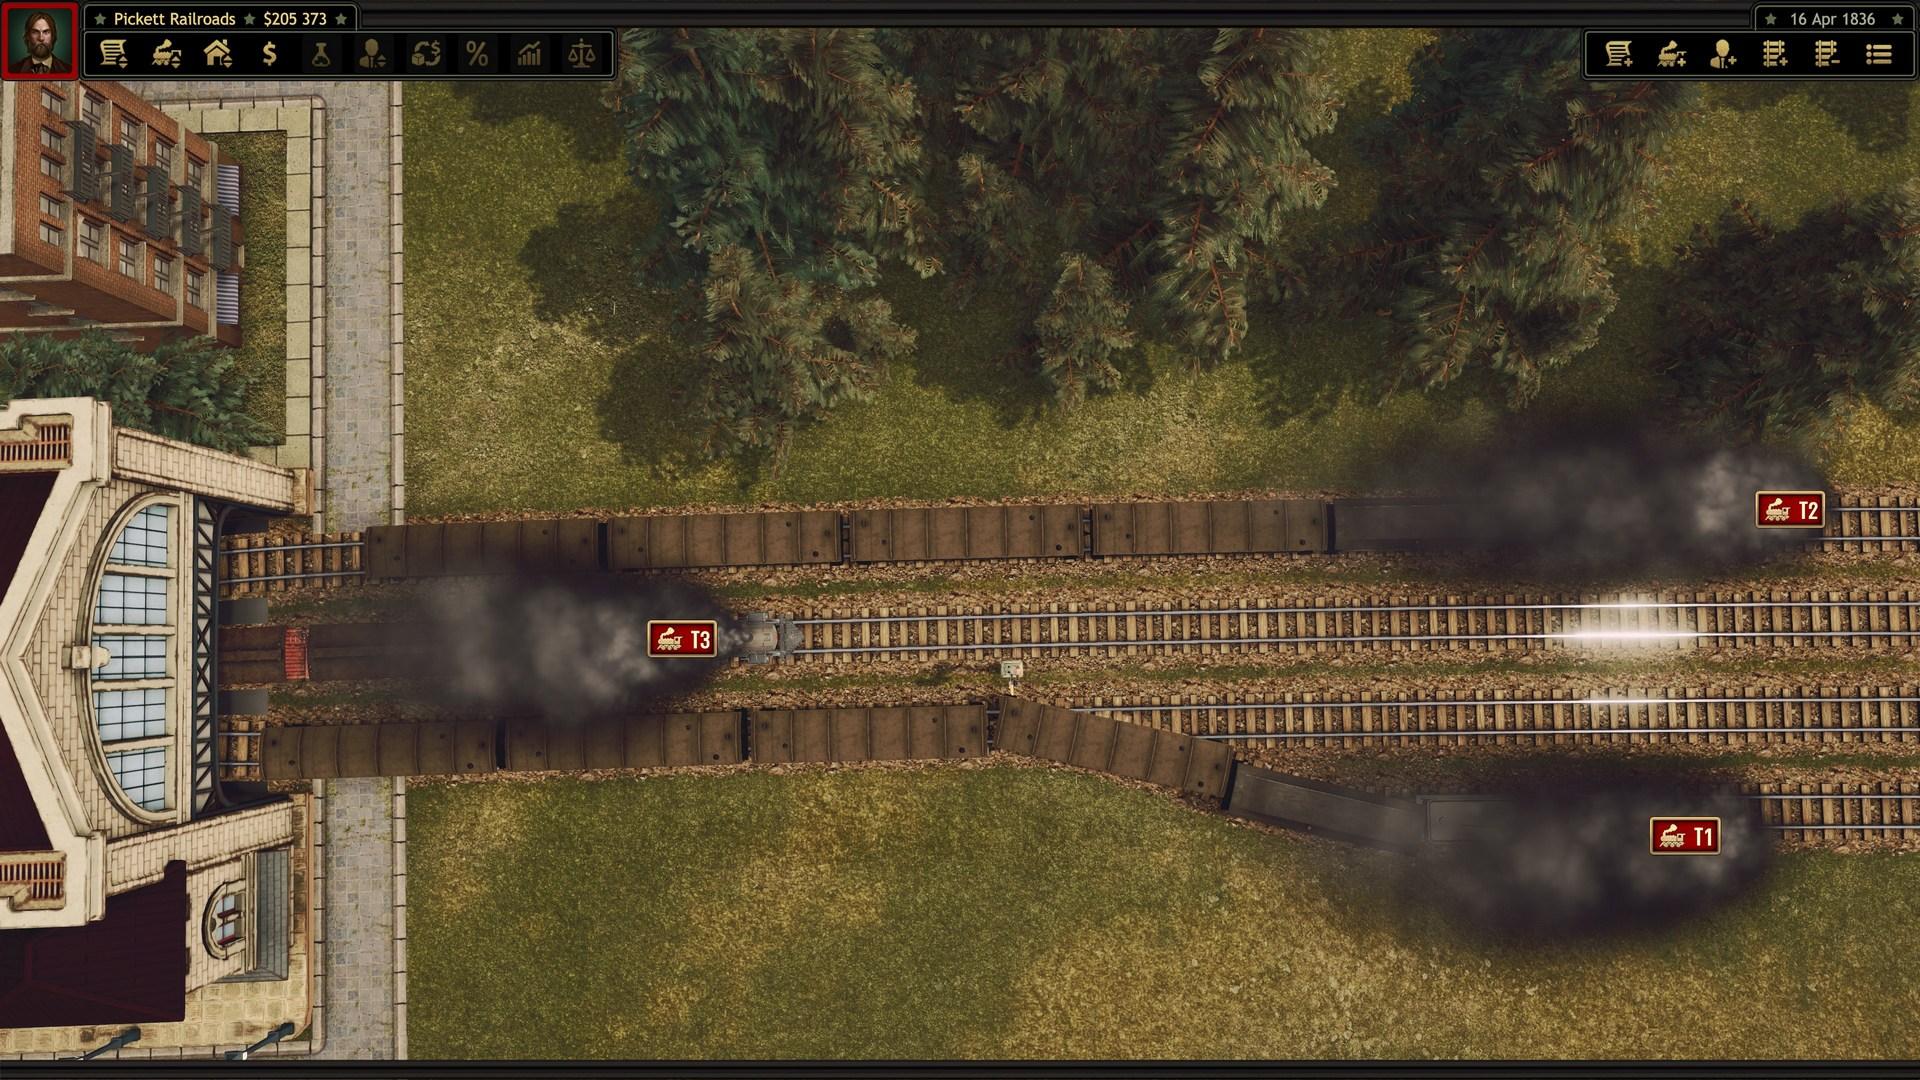 《铁路公司》游戏最低配置要求介绍 i3+560起步